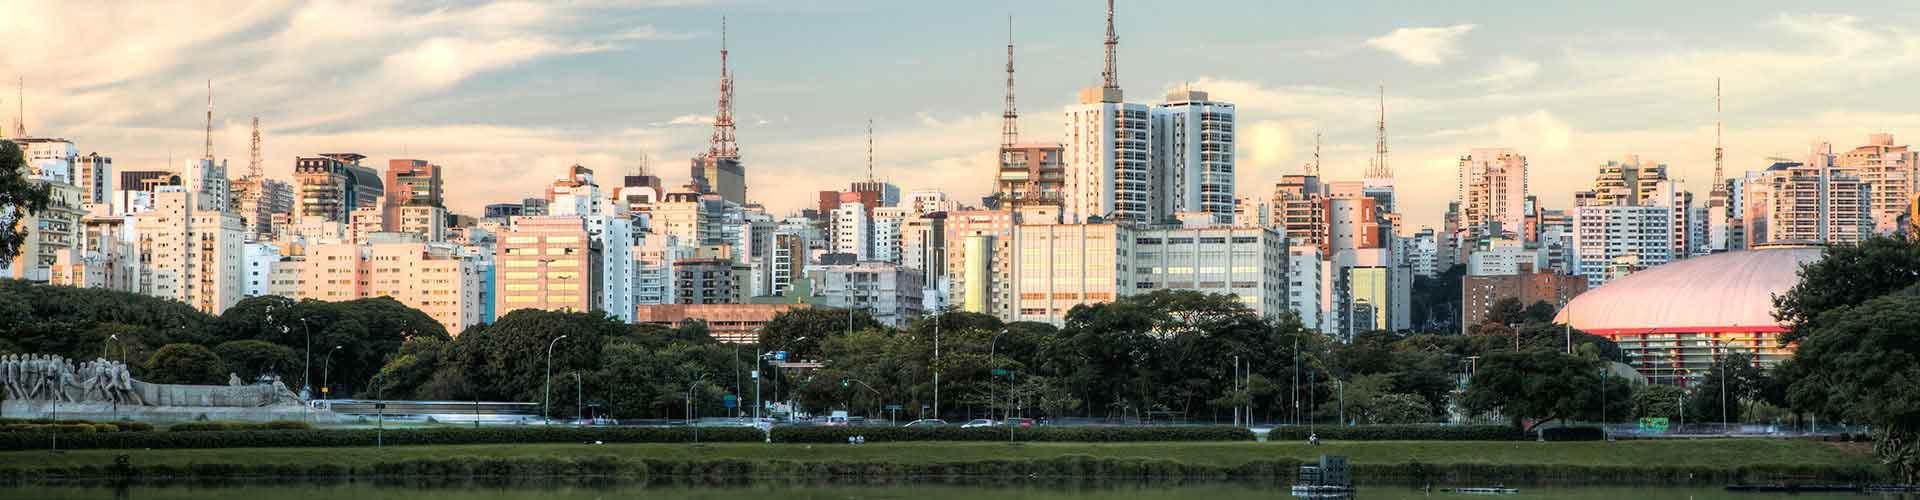 Sao Paulo - Auberges de jeunesse dans le quartier de Paraíso. Cartes pour Sao Paulo, photos et commentaires pour chaque auberge de jeunesse à Sao Paulo.